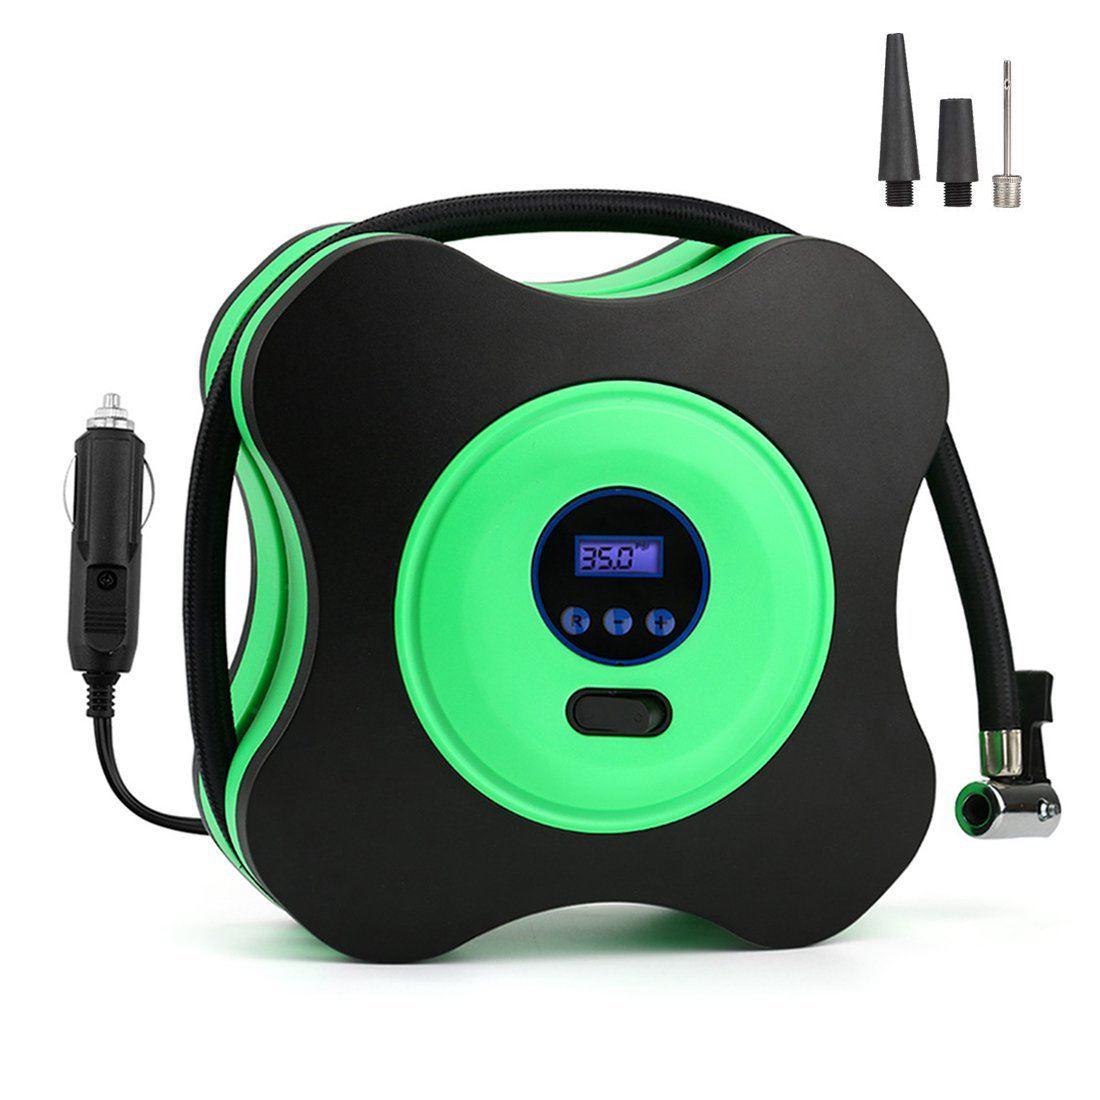 Воздушный компрессор шин насос, Авто Цифровой Надувное по 12 В DC 150PSI, 3 насадки адаптеры Портативный для Автомобили, велосипеды, баскетбол и O ...